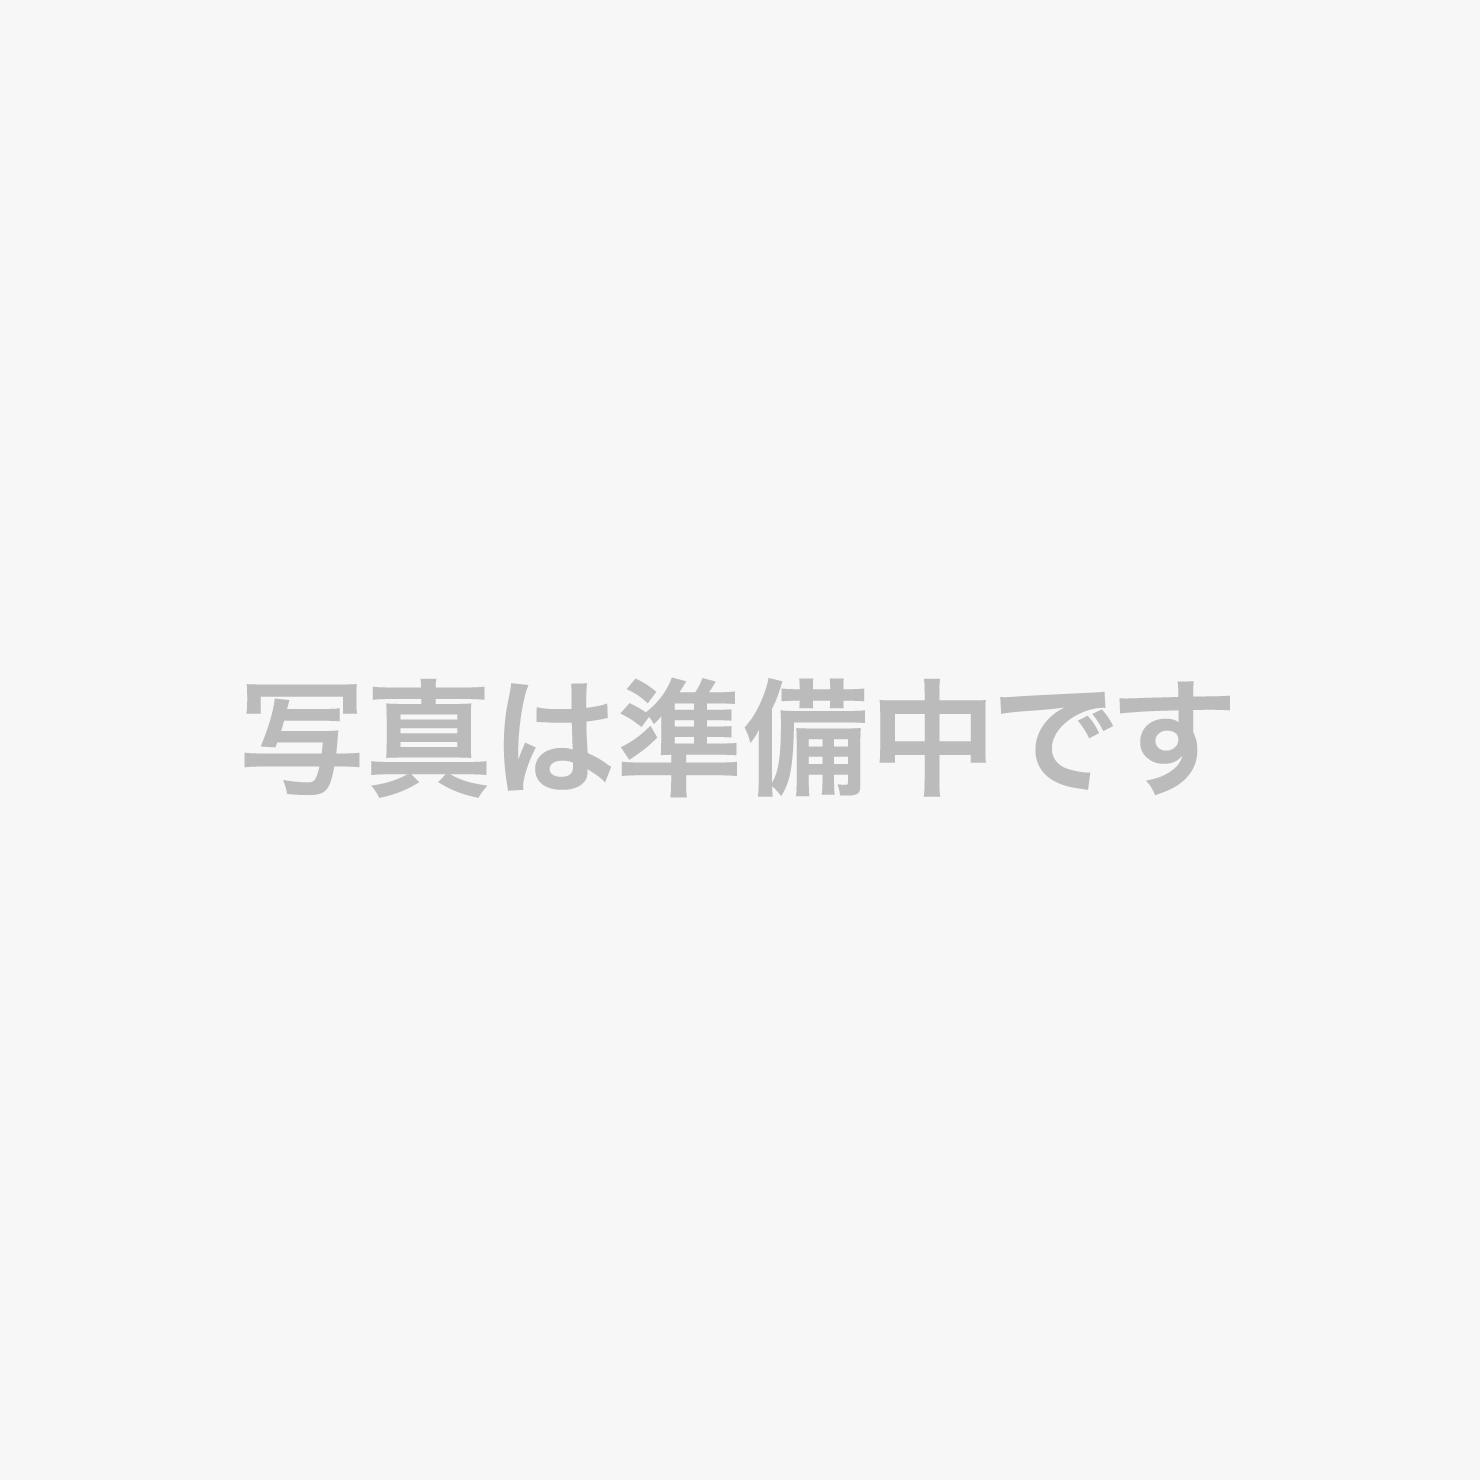 【お料理】お造り(イメージ)